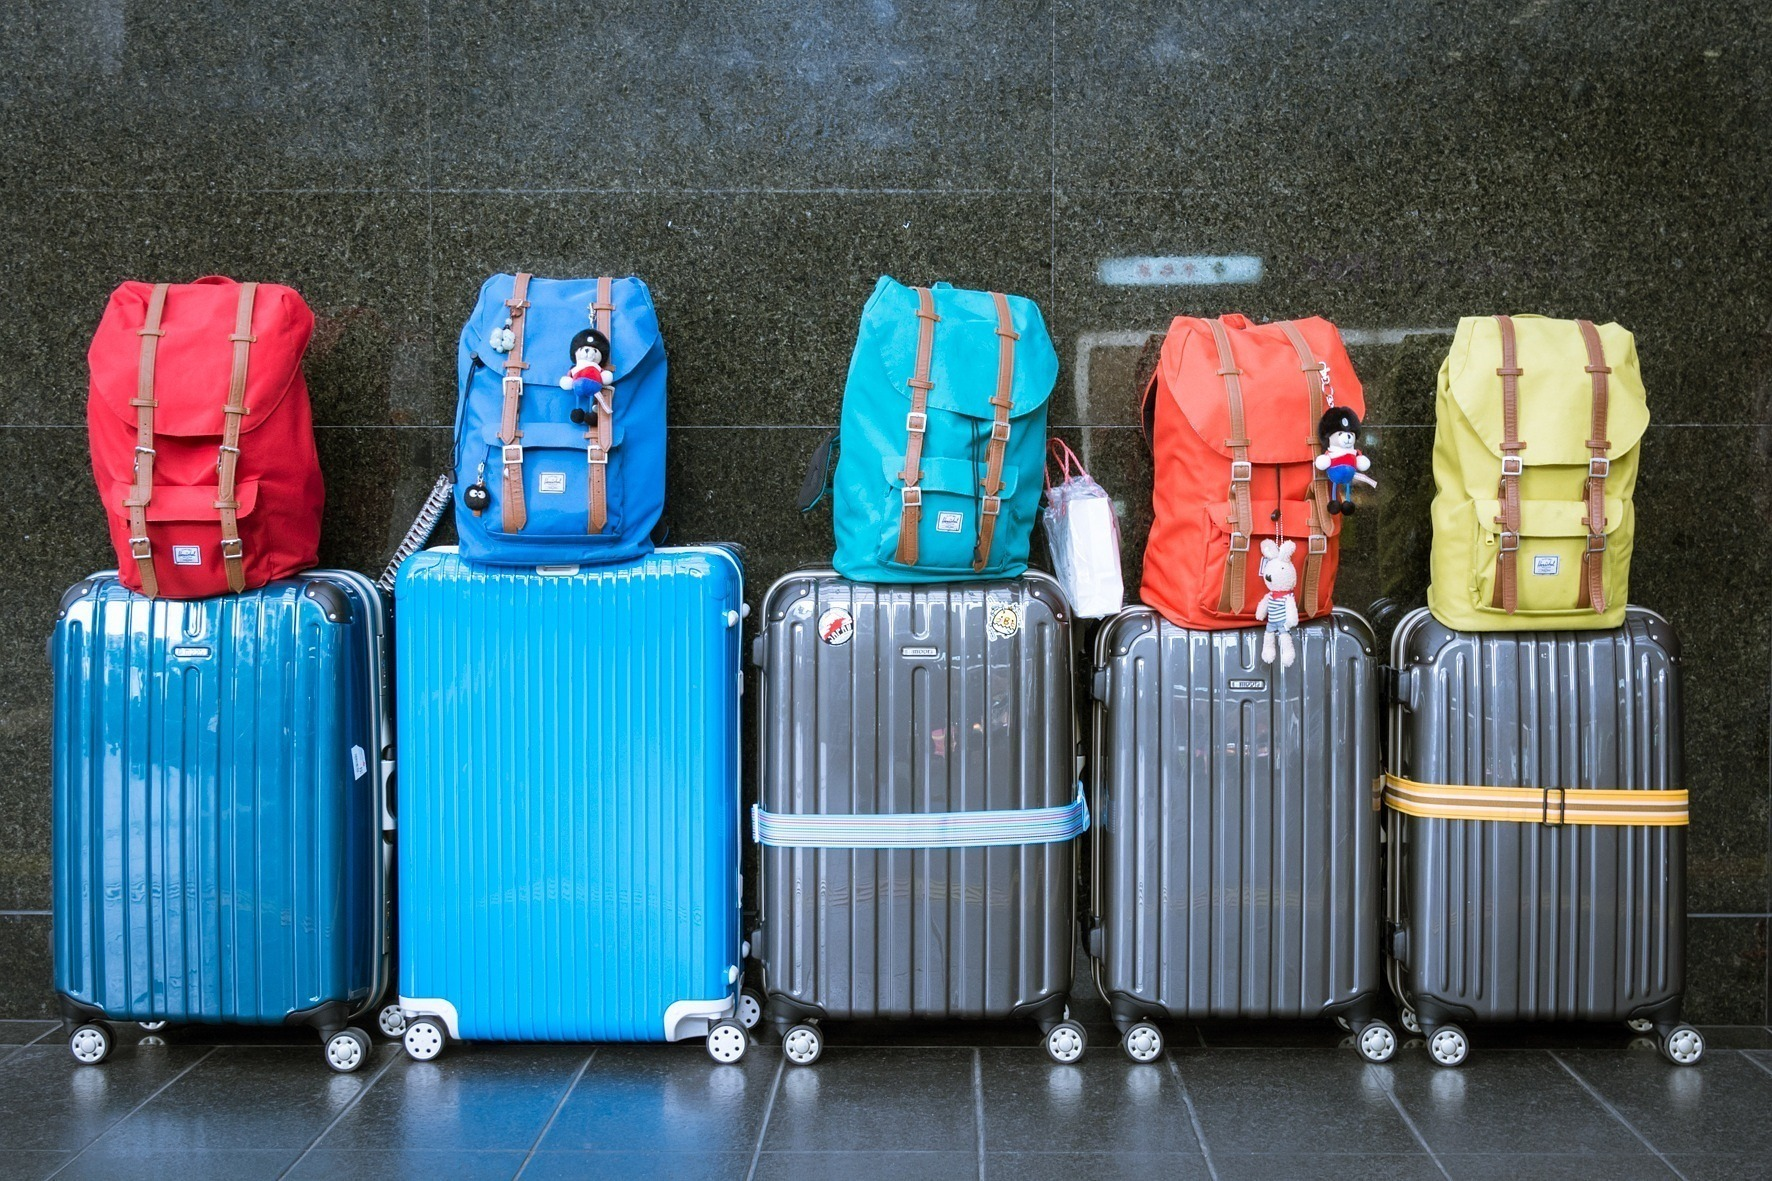 Les punaises de lit se cachent dans les bagages